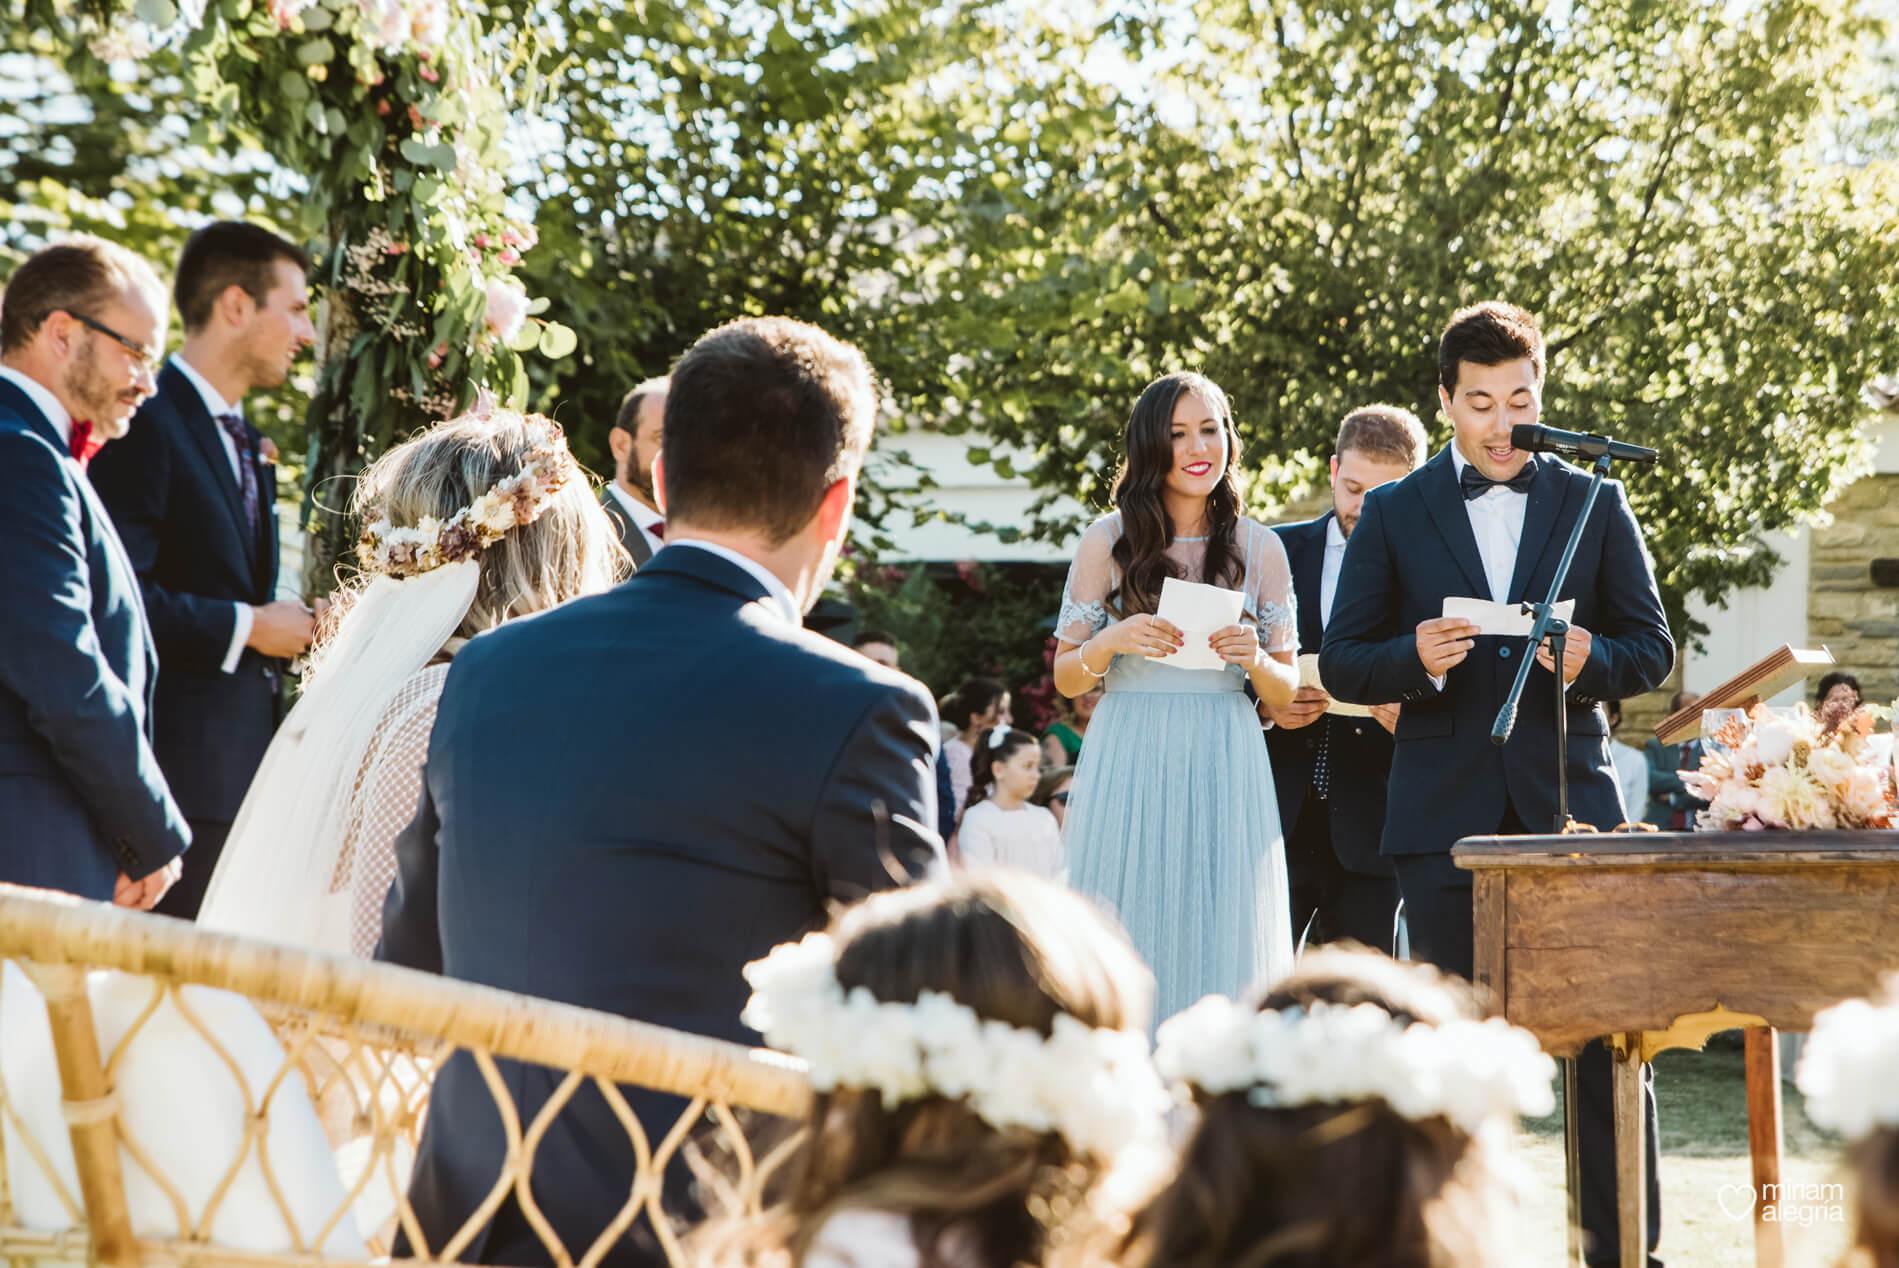 boda-en-collados-miriam-alegria-cayetana-ferrer-49